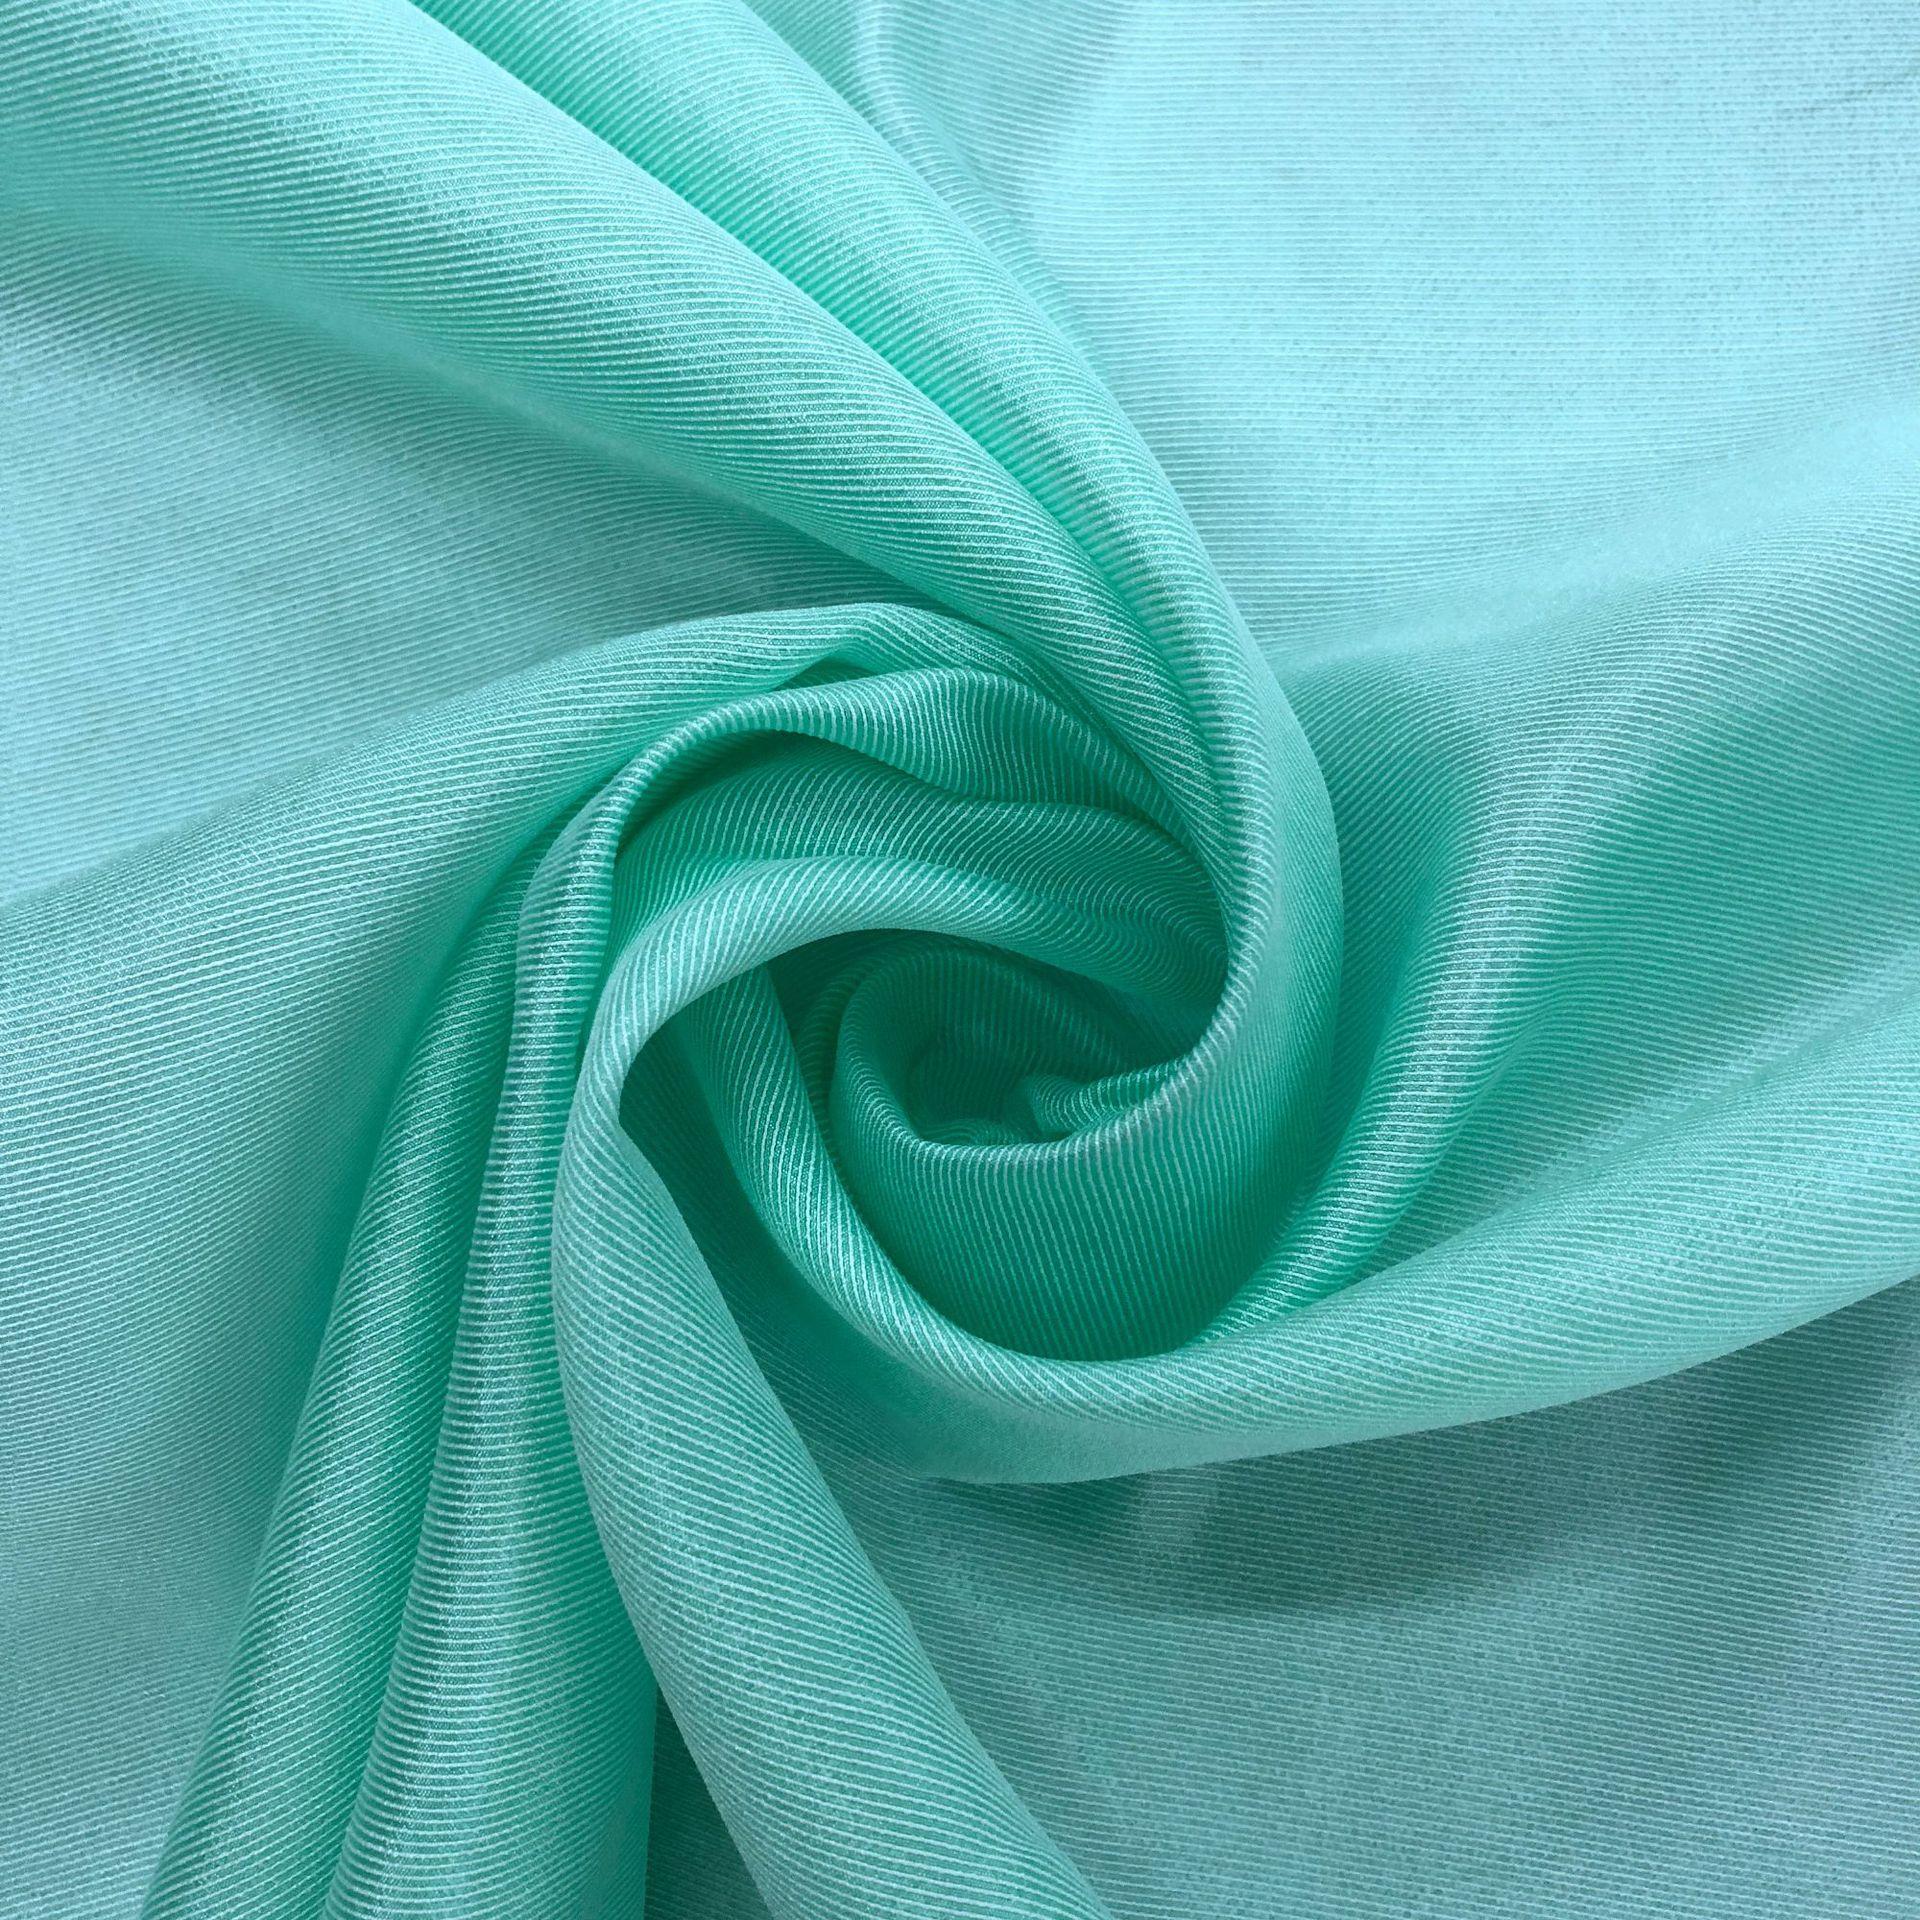 JINYIFAN Vải Visco (Rayon) Vải polyester sọc cotton 21S vải monofilament dệt có thể được tùy chỉnh n